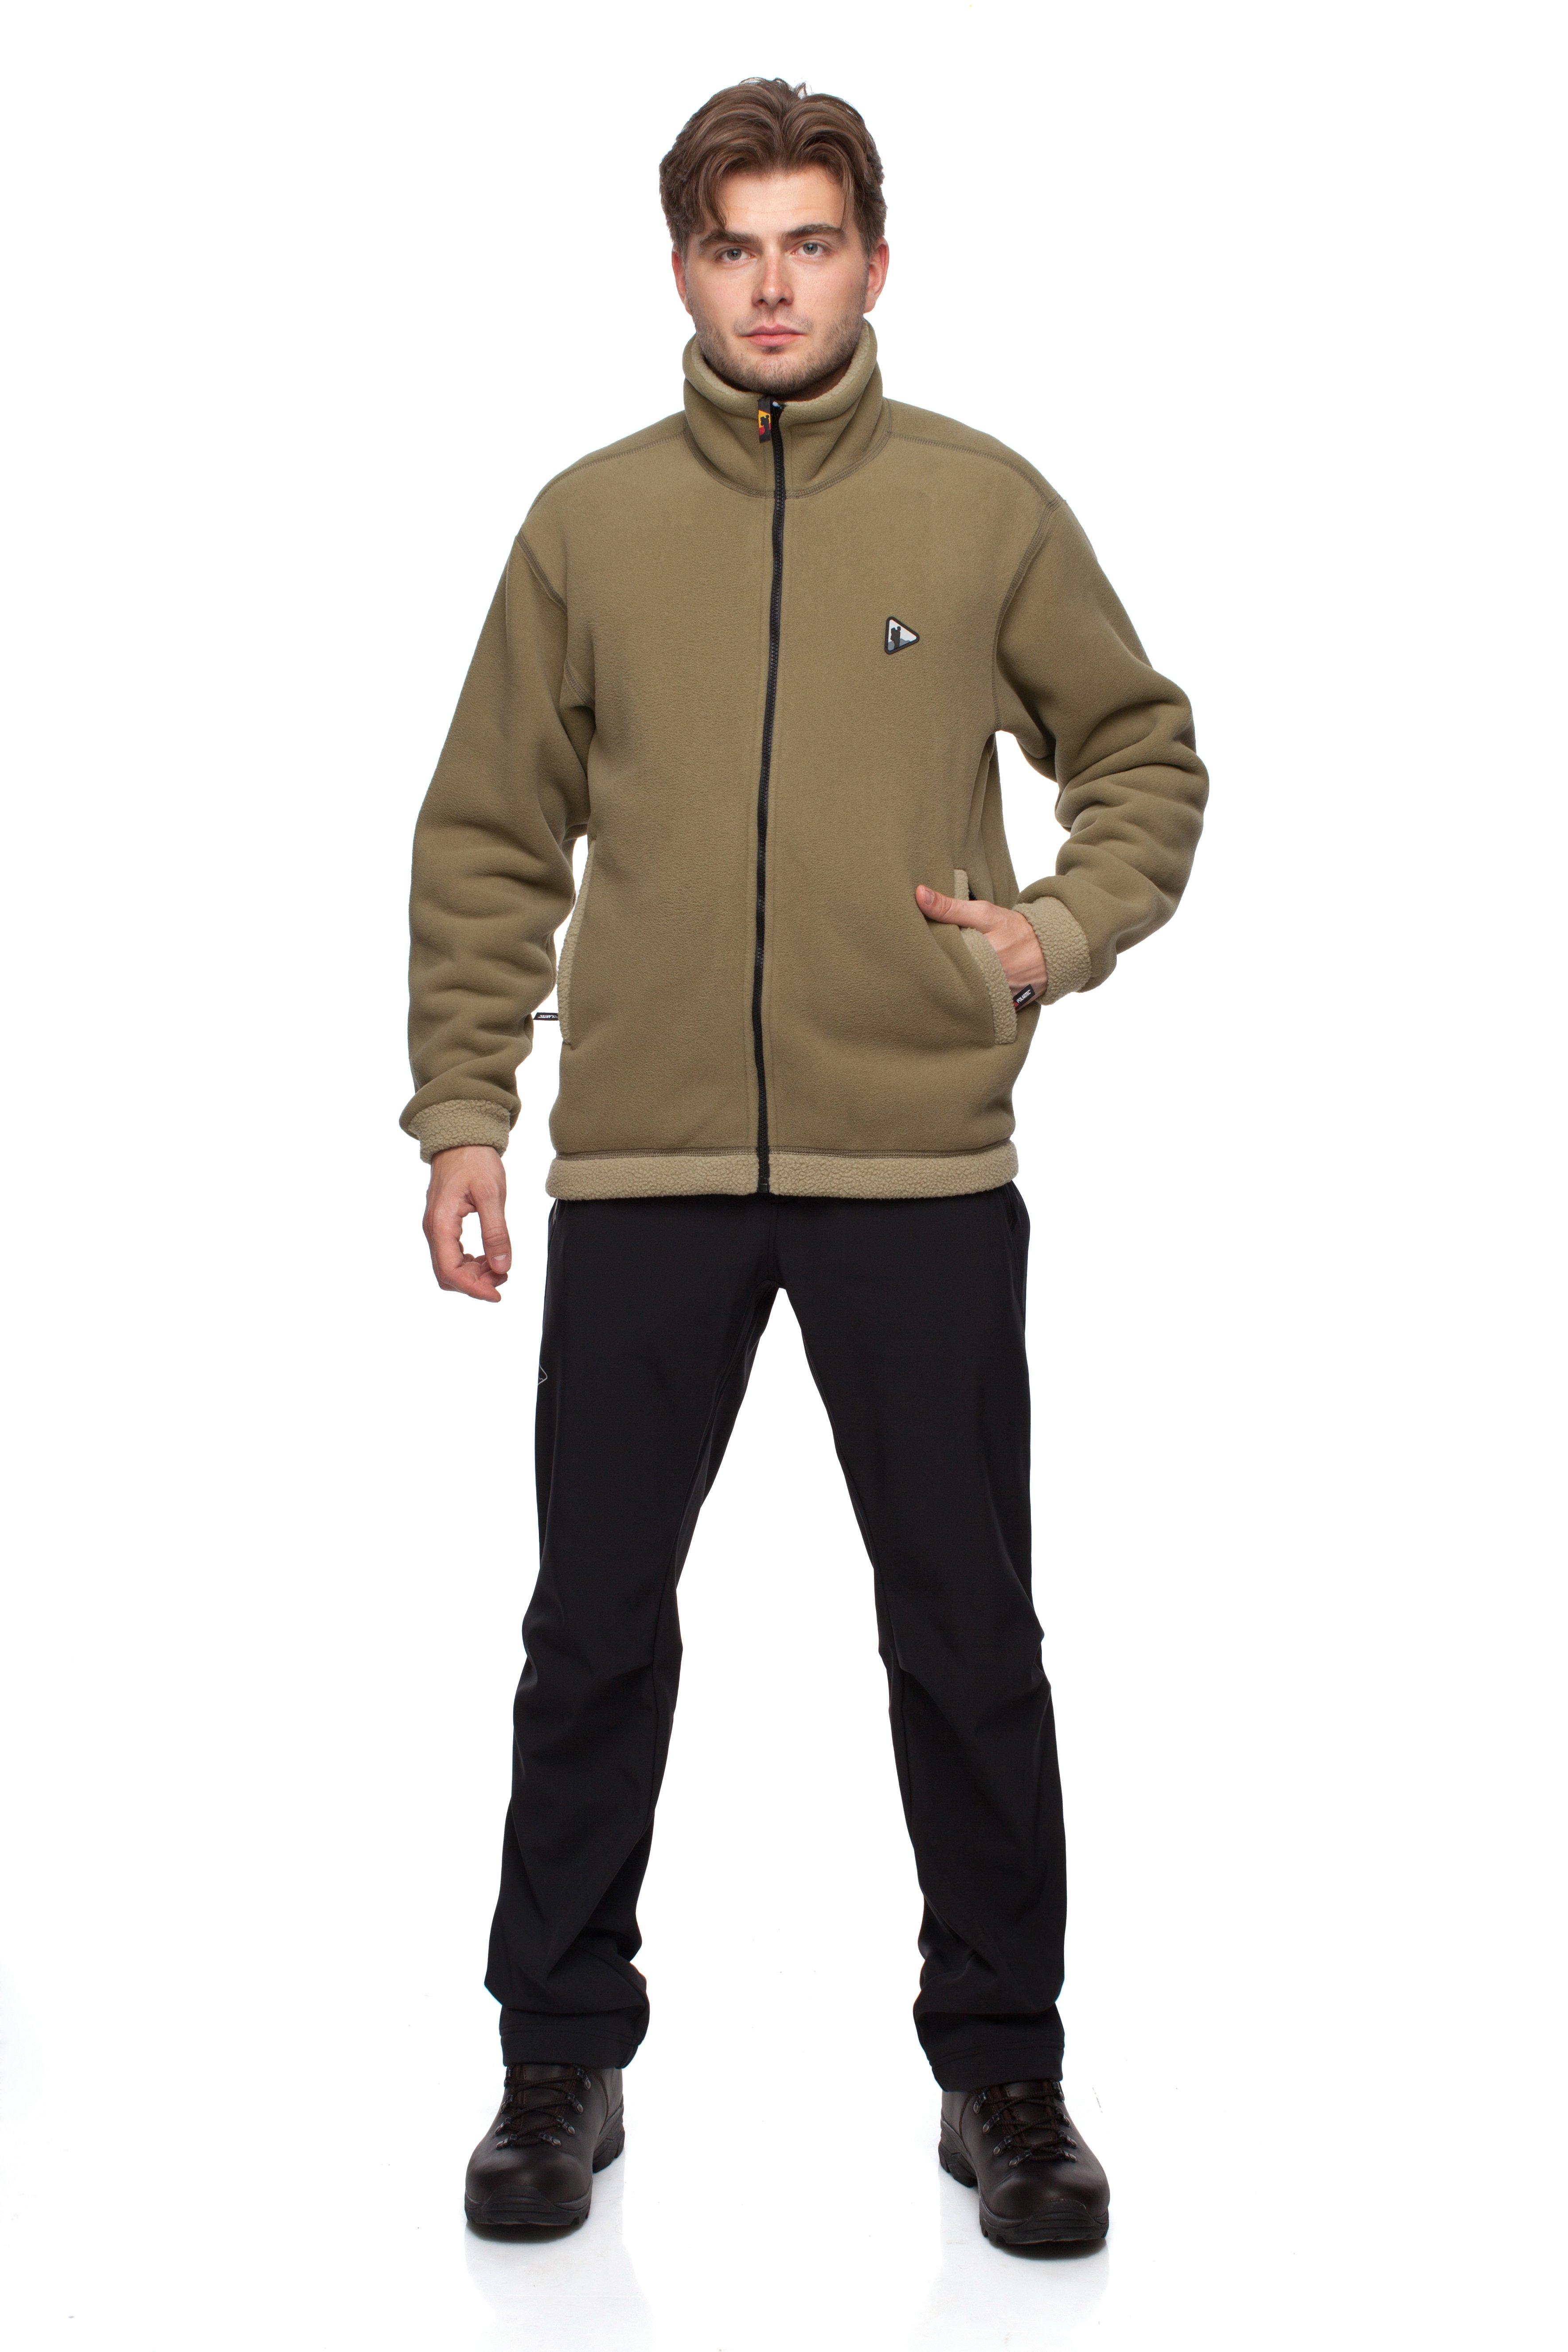 Куртка BASK GUDZON 655Куртка из ткани Polartec&amp;reg; Classic&amp;reg; 375, самой теплой в серии Polartec&amp;reg;. Ткань более ветроустойчива по сравнению с другими тканями серии, ворсистая внутренняя поверхность лучше сохраняет тепло. Для достижения максимального комфорта применена технология плоские швы.<br><br>Боковые карманы: 2<br>Вес граммы: 810<br>Ветрозащитная планка: Да<br>Внутренние карманы: 2<br>Материал: Polartec® Classic 375<br>Материал усиления: нет<br>Пол: Муж.<br>Регулировка вентиляции: Нет<br>Регулировка низа: Да<br>Регулируемые вентиляционные отверстия: Нет<br>Тип молнии: Однозамковая<br>Усиление контактных зон: Нет<br>Размер INT: S<br>Цвет: БЕЖЕВЫЙ